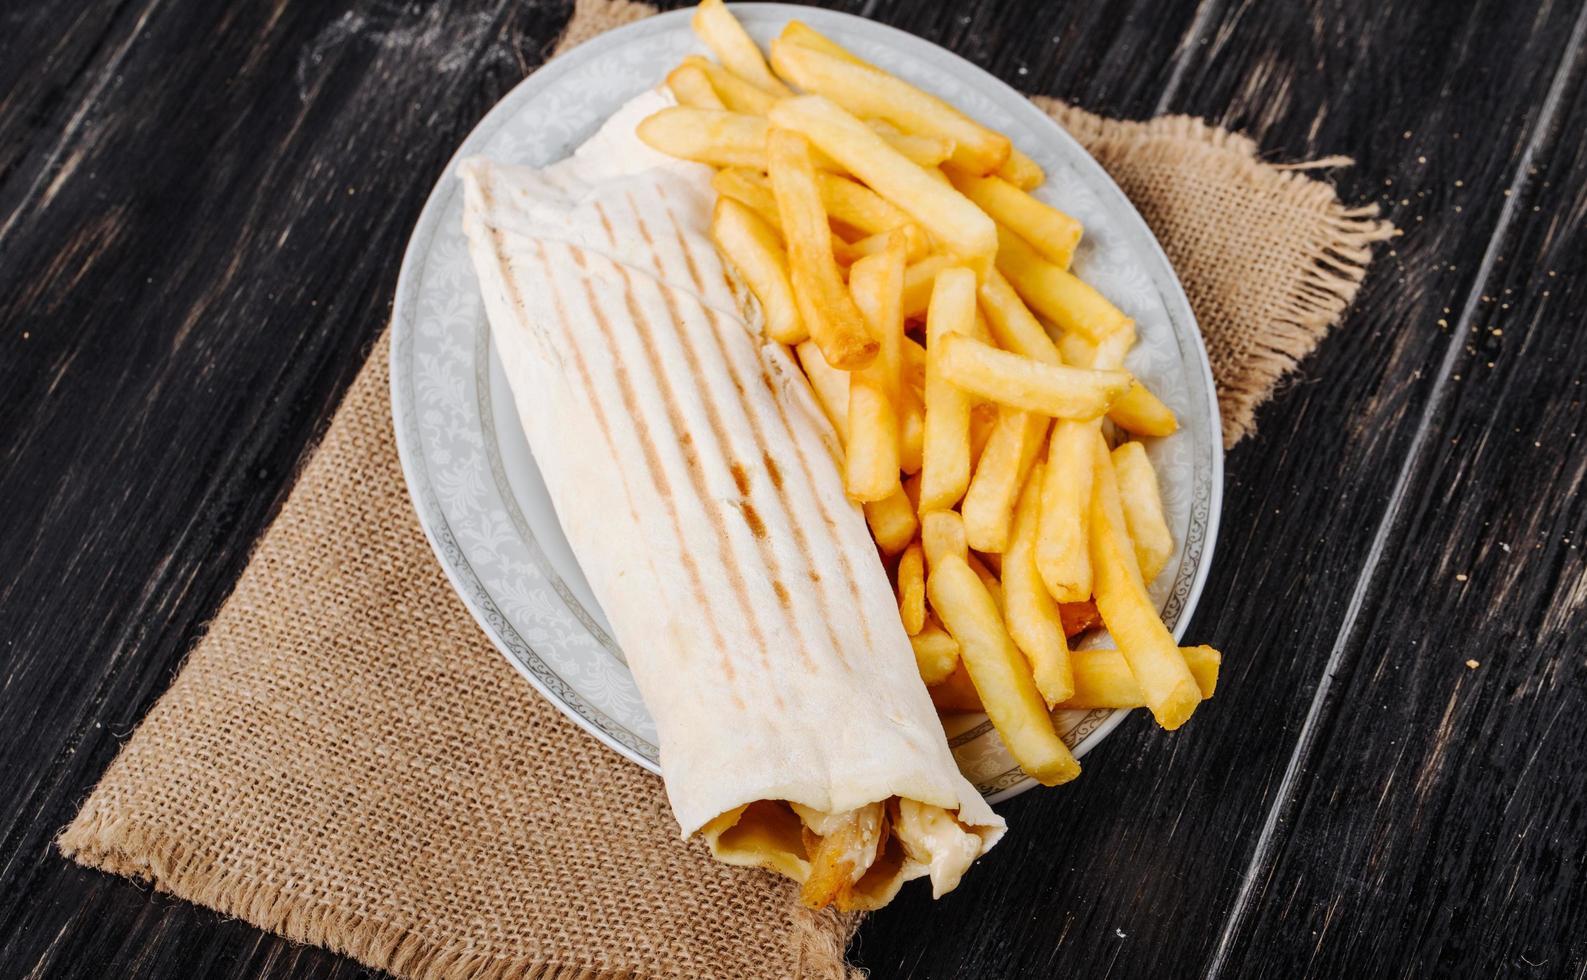 Hühnersandwich mit Pommes Frites auf rustikalem Hintergrund foto